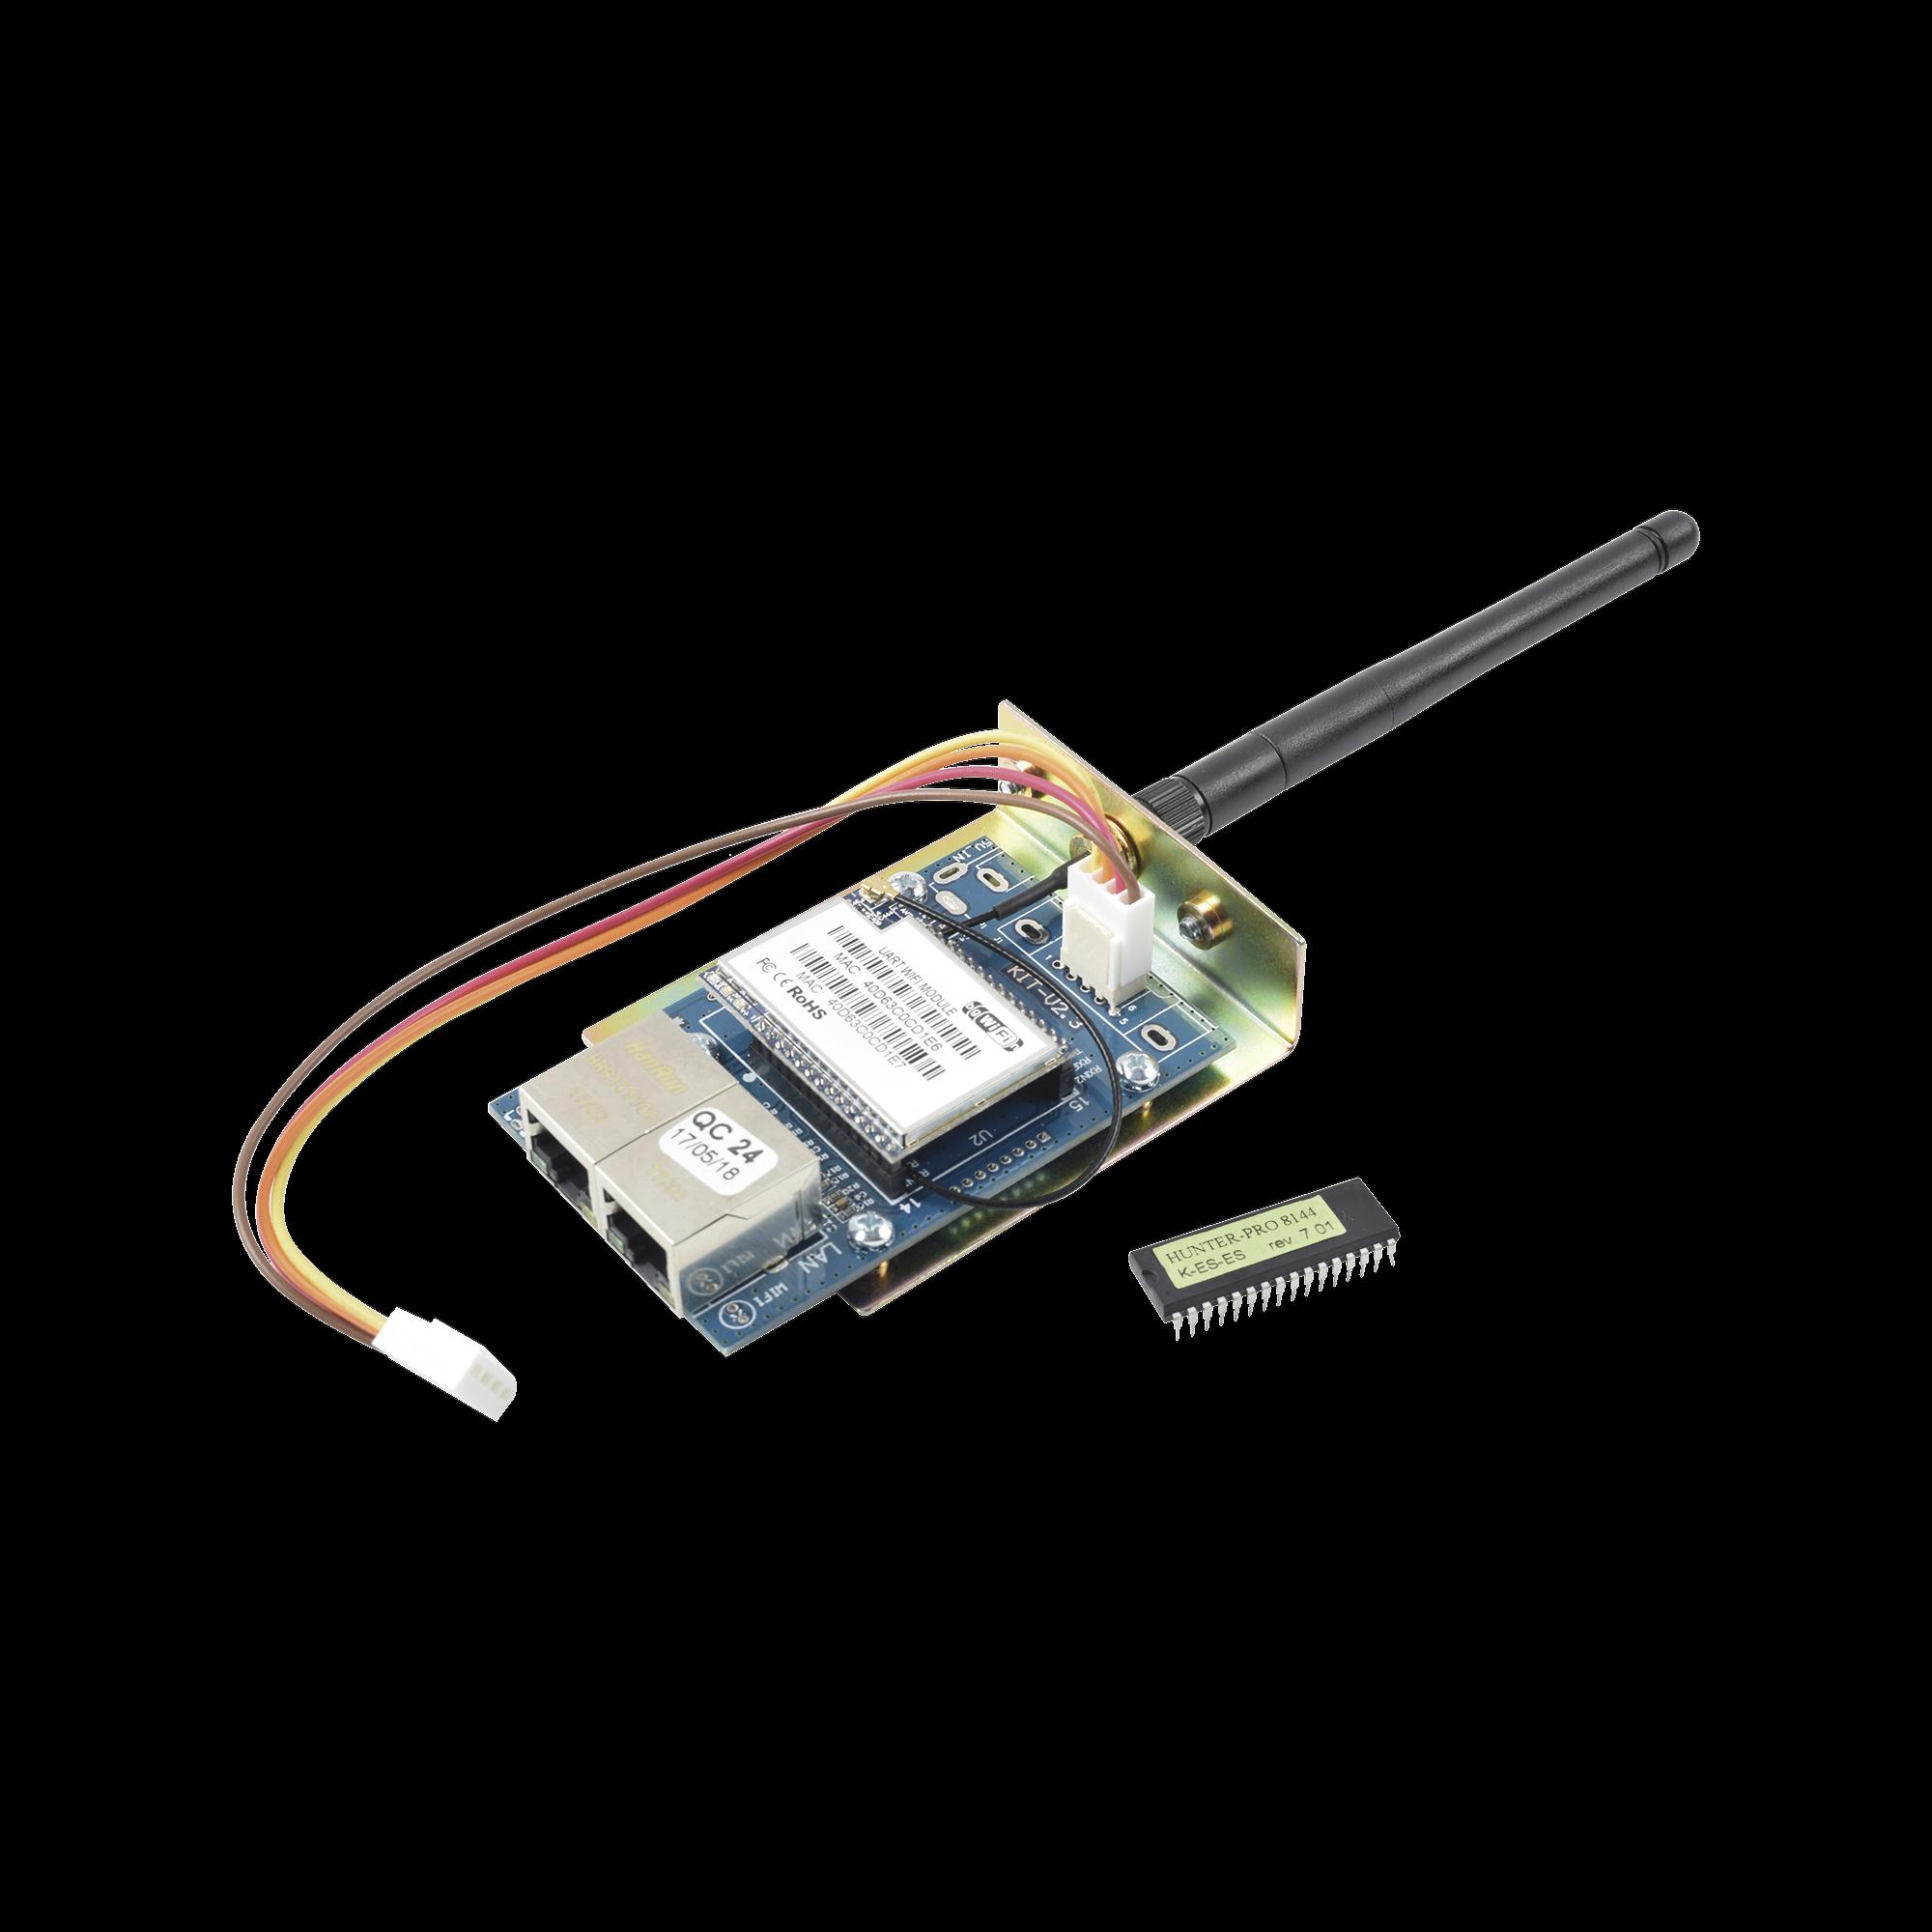 Kit de Comunicador WIFI/Ethernet para paneles PIMA HUNTERPRO-8144 y CHIP para actualizar. Permite uso de App PIMALink 2.0 Gratuita.